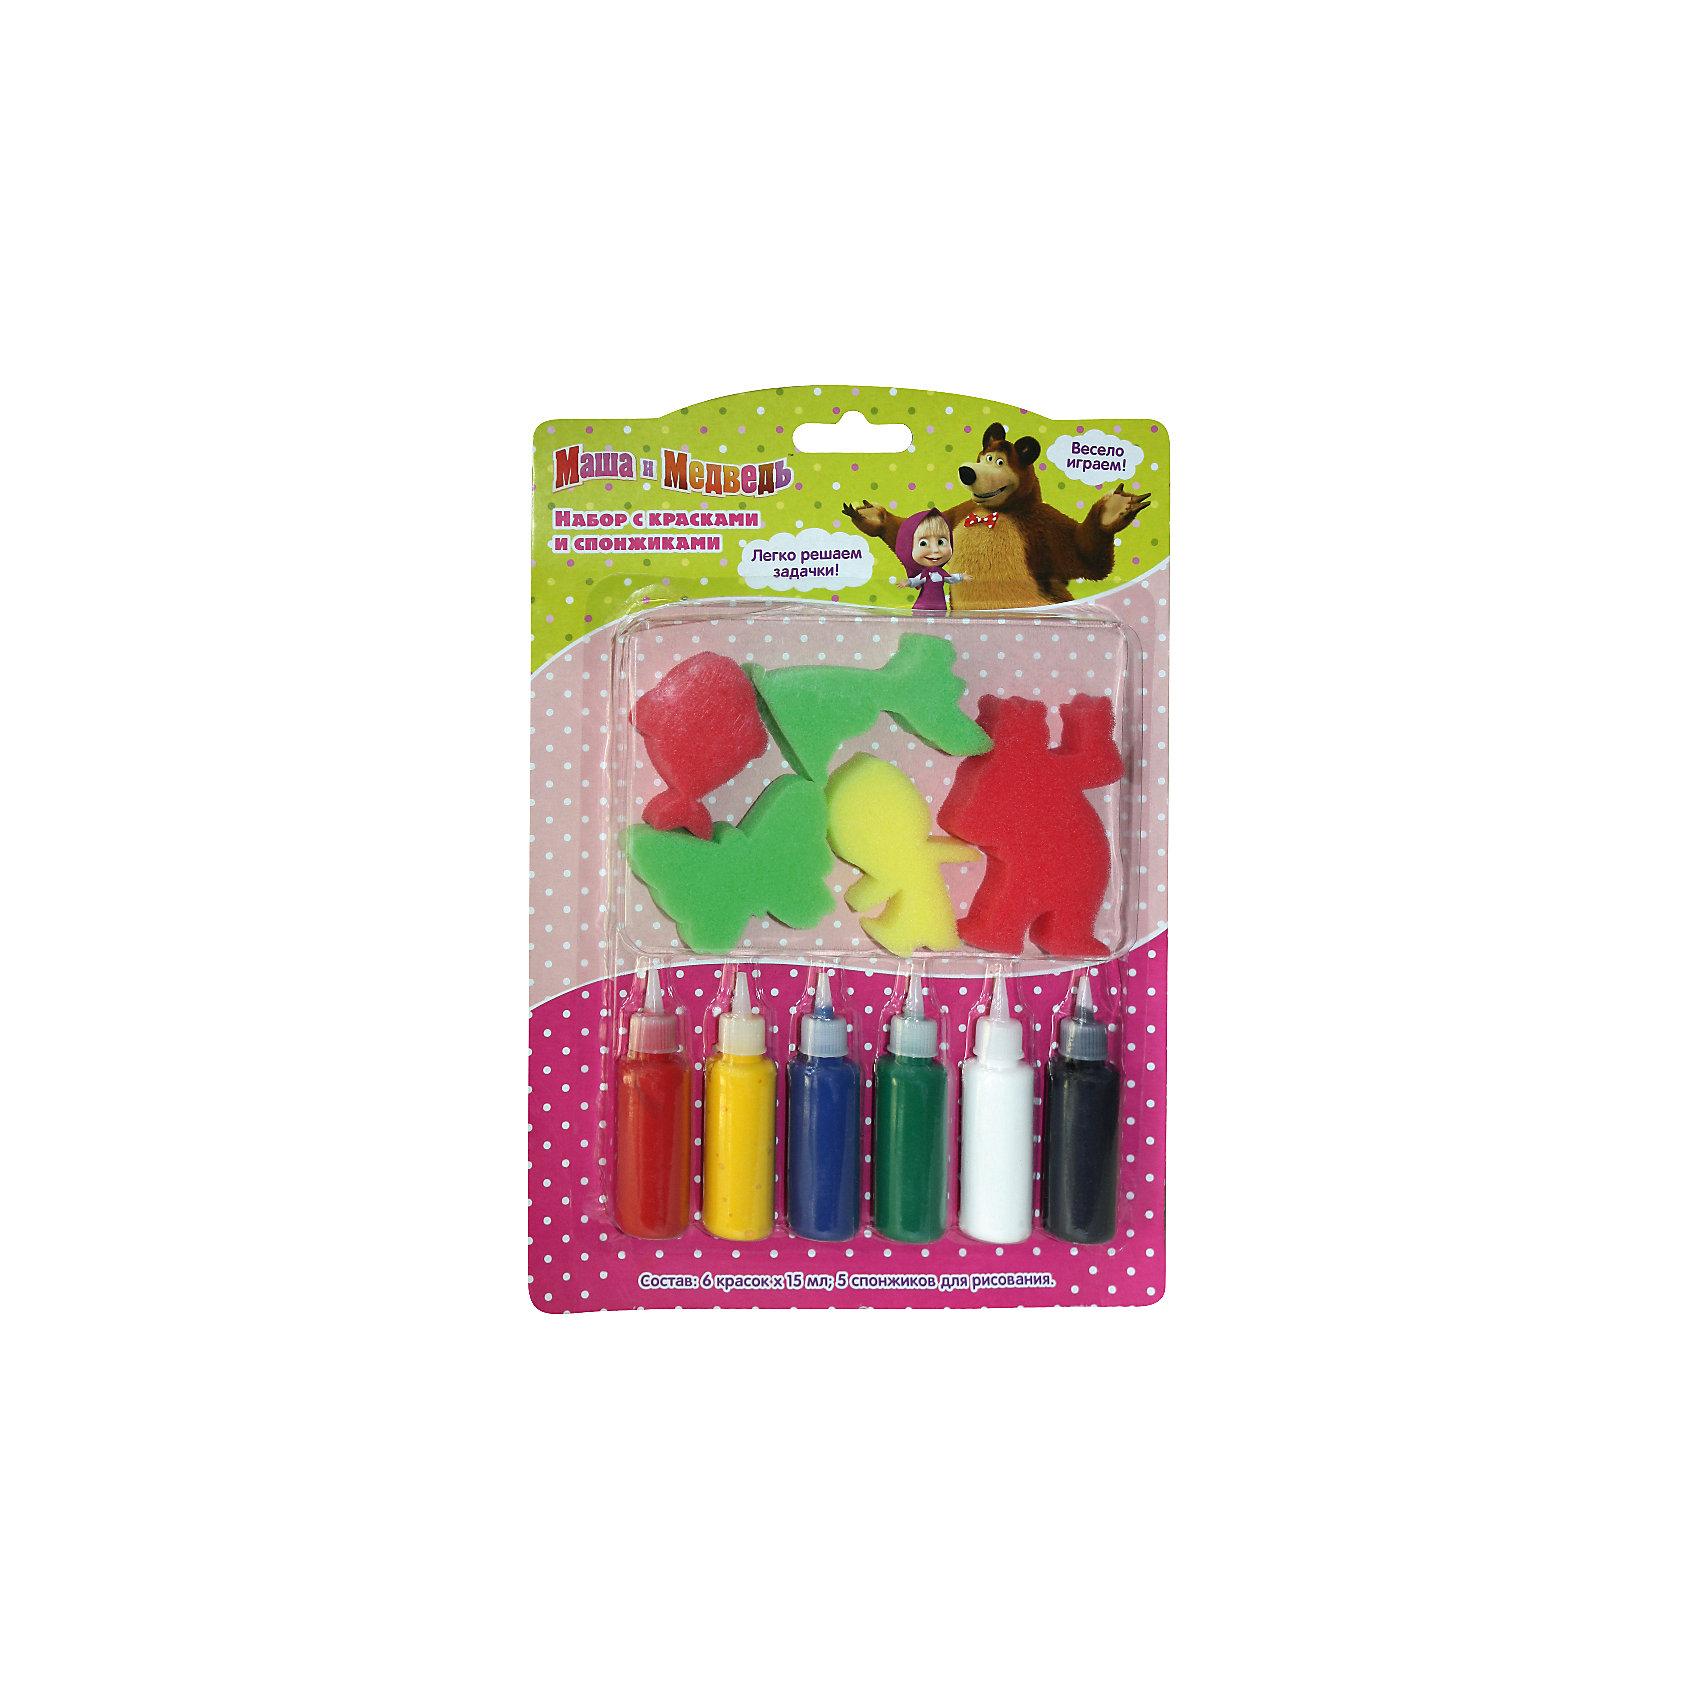 Набор с красками и спонжиками, Маша и МедведьРисование<br>Характеристики товара:<br><br>- цвет: разноцветный;<br>- комплектация: 6 цветов гуаши по 15 мл, 5 спонжиков в виде героев мультфильма;<br>- размер упаковки: 27 х 19 см;<br>- упаковка: коробка.<br><br>Этот набор станет отличным подарком для ребенка. Он помогает развить художественные навыки и интересно провести время. В нем есть разноцветные краски и предметы для изображения фона, героев мультфильма и дополнения рисунка деталями. В итоге - яркая оригинальная картинка!<br>Рисование даже в юном возрасте помогает ребенку развивать зрительную память, концентрацию внимания, мелкую моторику и цветовосприятие. Издание произведено из качественных материалов, которые безопасны даже для самых маленьких.<br><br>Набор с красками и спонжиками, Маша и Медведь, от компании Росмэн можно купить в нашем интернет-магазине.<br><br>Ширина мм: 275<br>Глубина мм: 190<br>Высота мм: 17<br>Вес г: 150<br>Возраст от месяцев: 36<br>Возраст до месяцев: 72<br>Пол: Унисекс<br>Возраст: Детский<br>SKU: 5109797